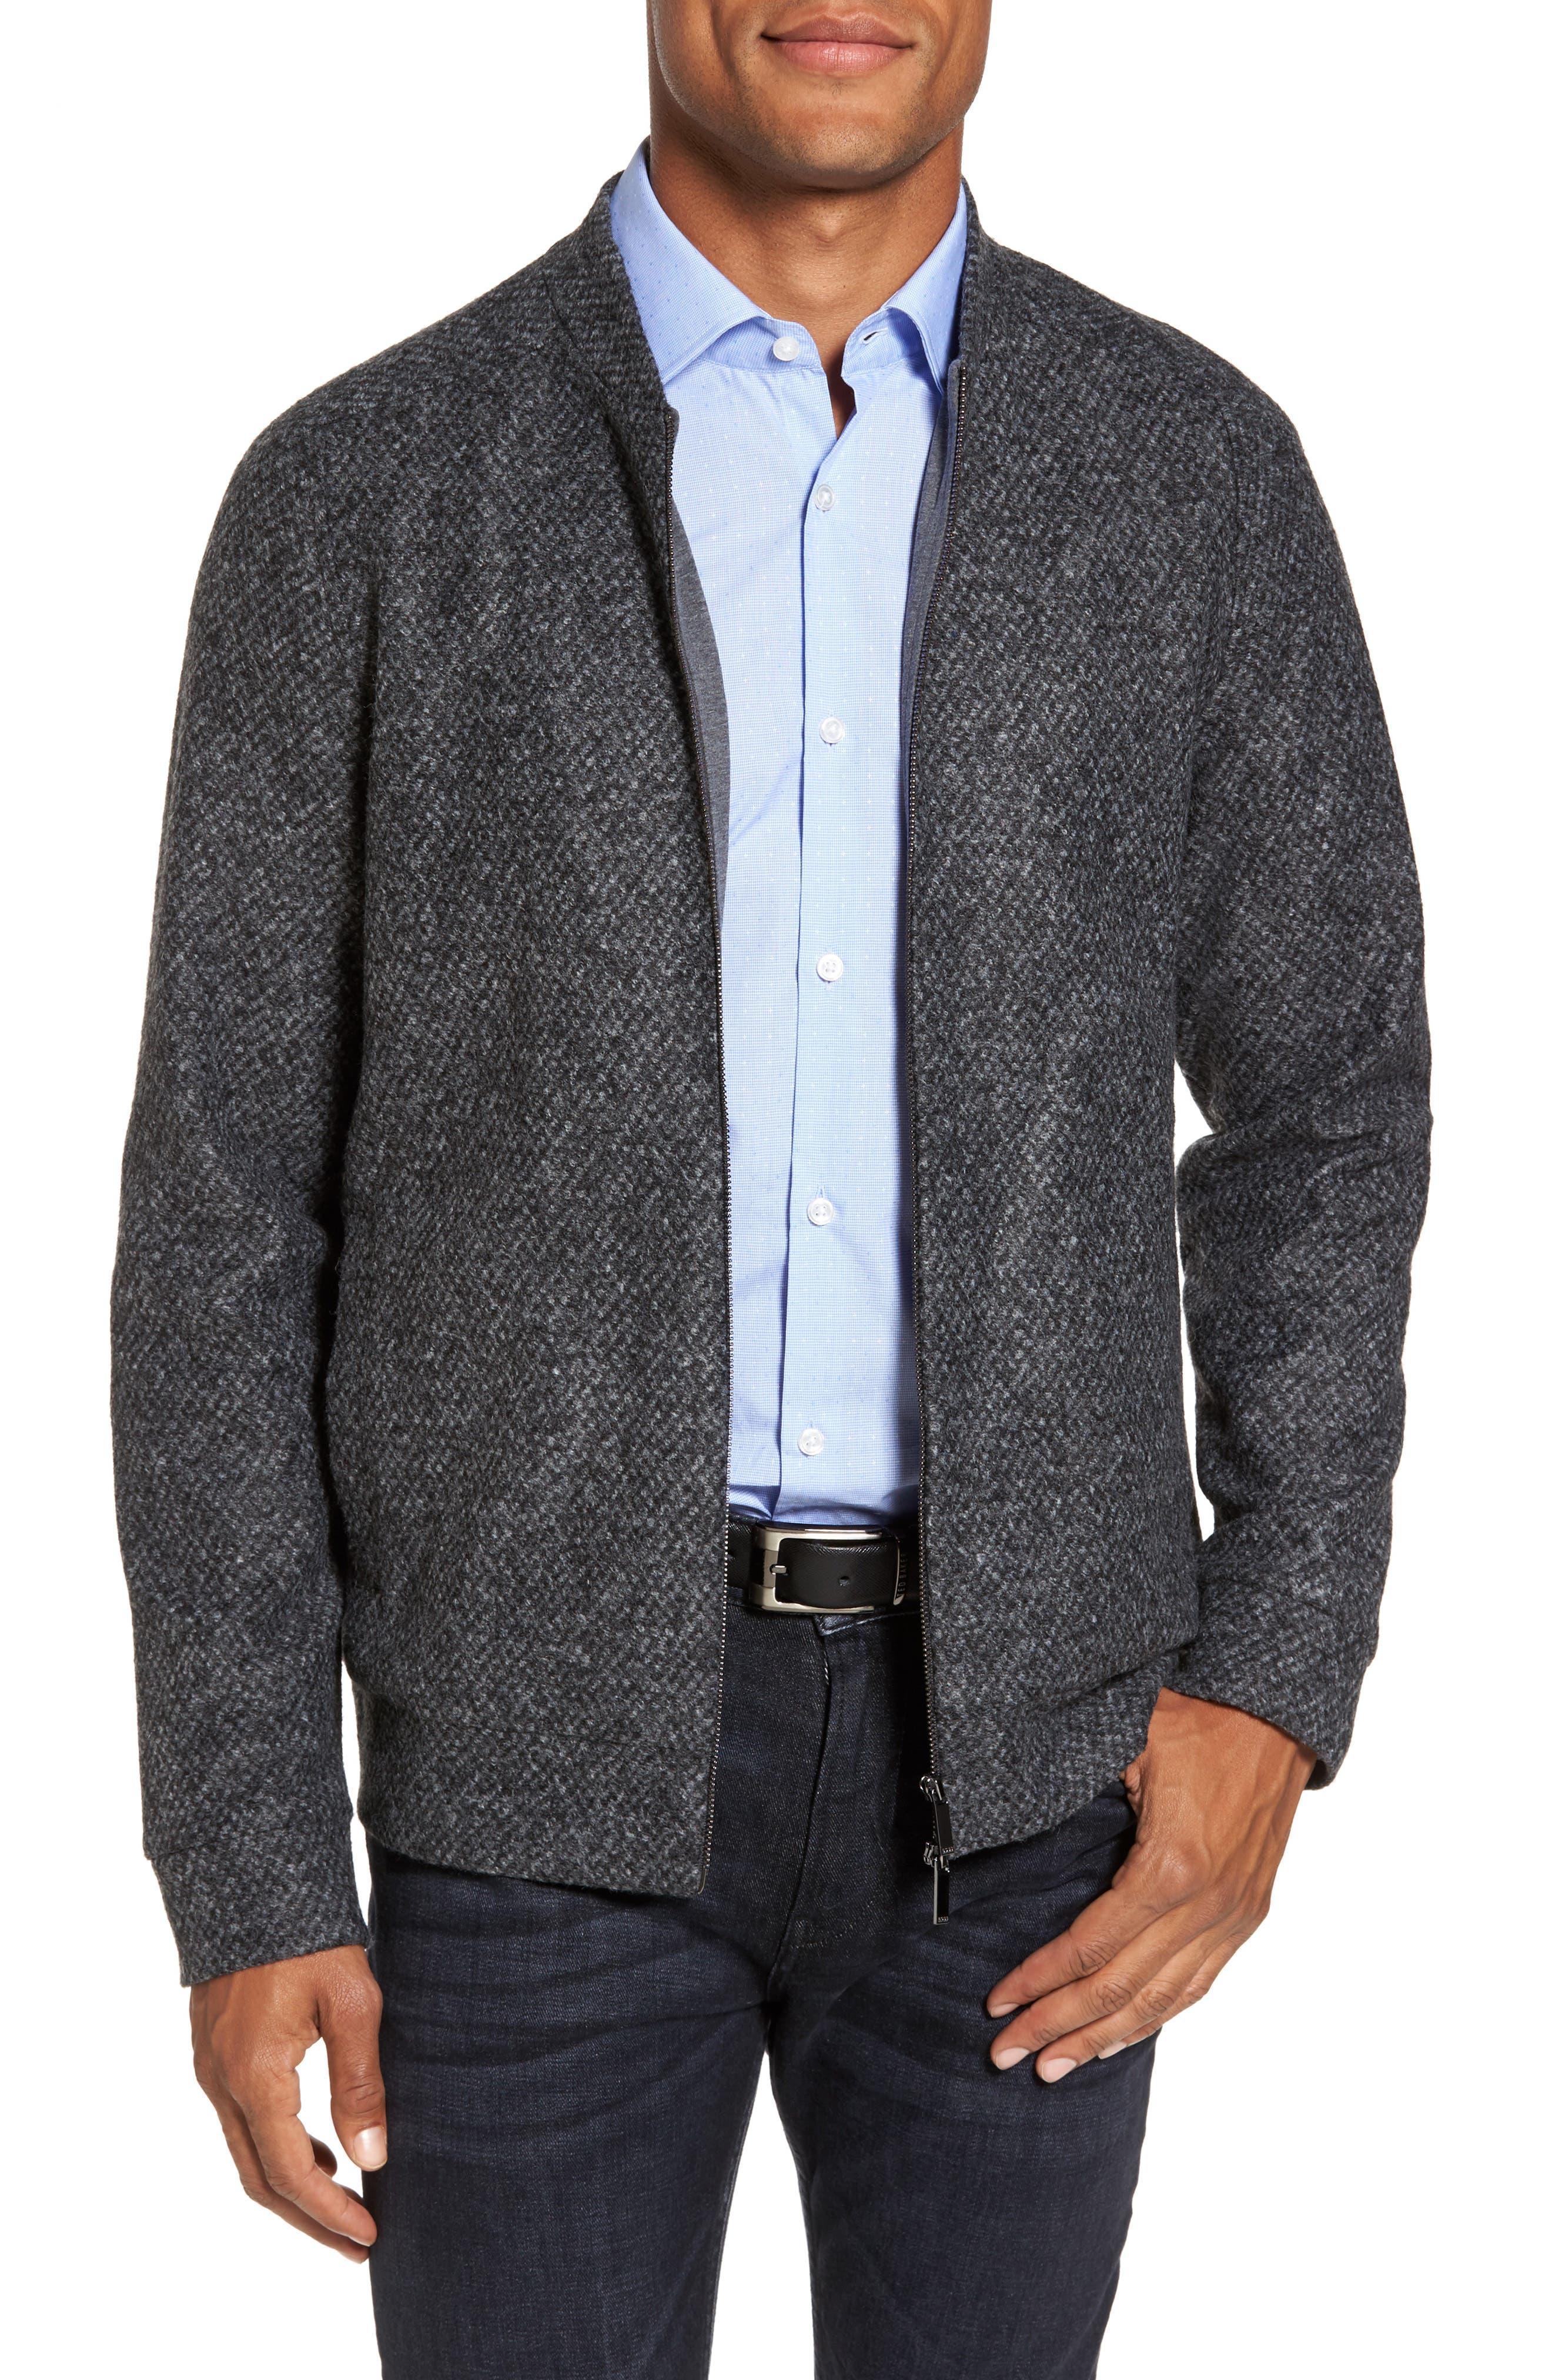 Salea Slim Fit Bomber Jacket,                         Main,                         color, 030